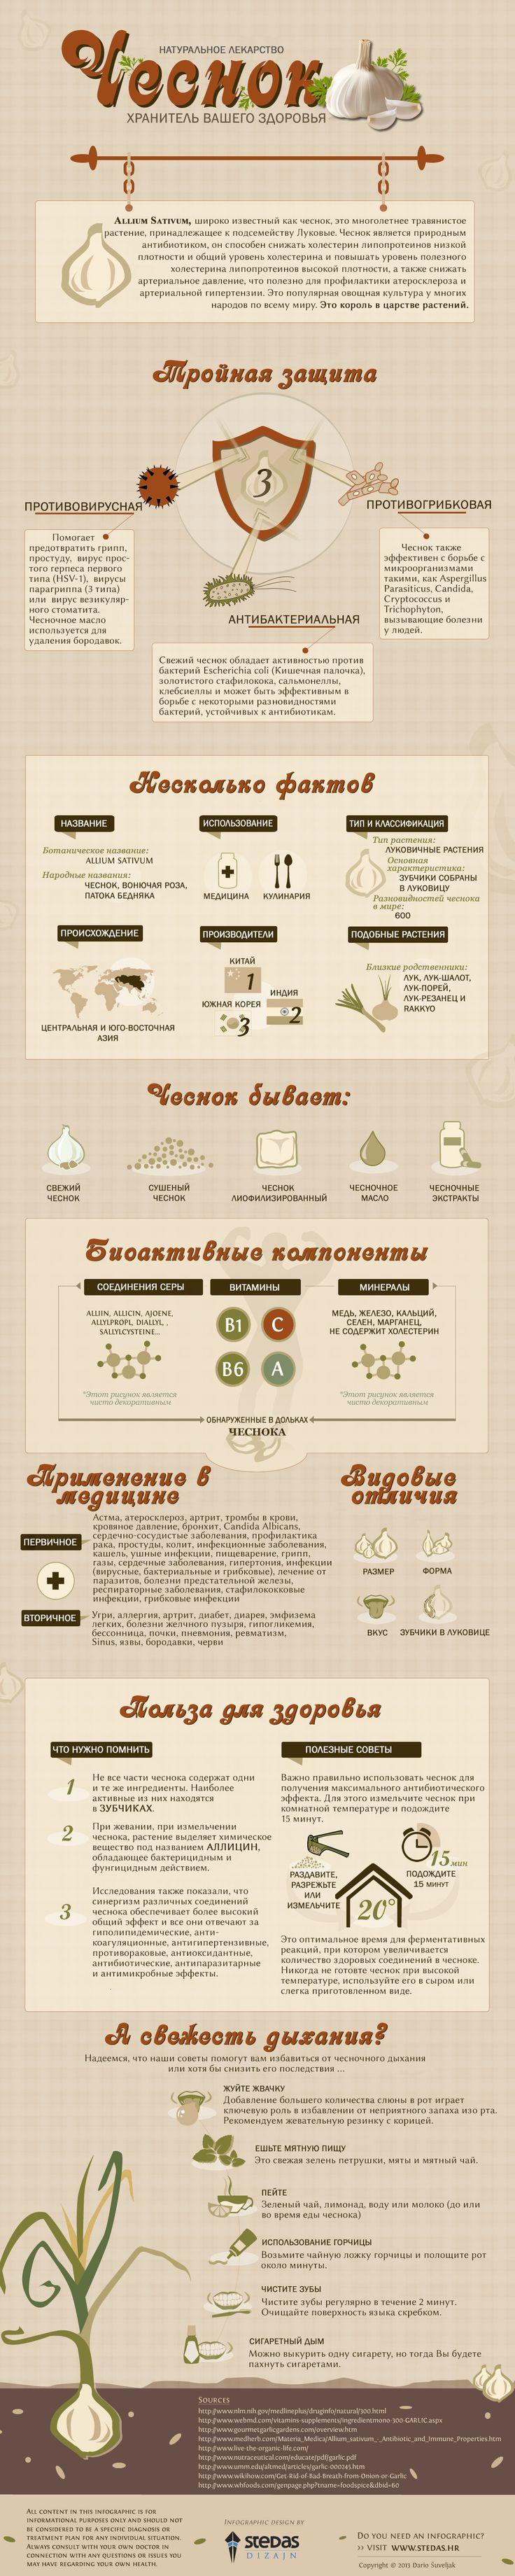 В наступивший сезон простуд хотим поделиться с вами вот такой полезной инфографикой в пользу чеснока от Lifehacker. Обязательно включите этот замечательный овощ в свой рацион - и будьте здоровы!